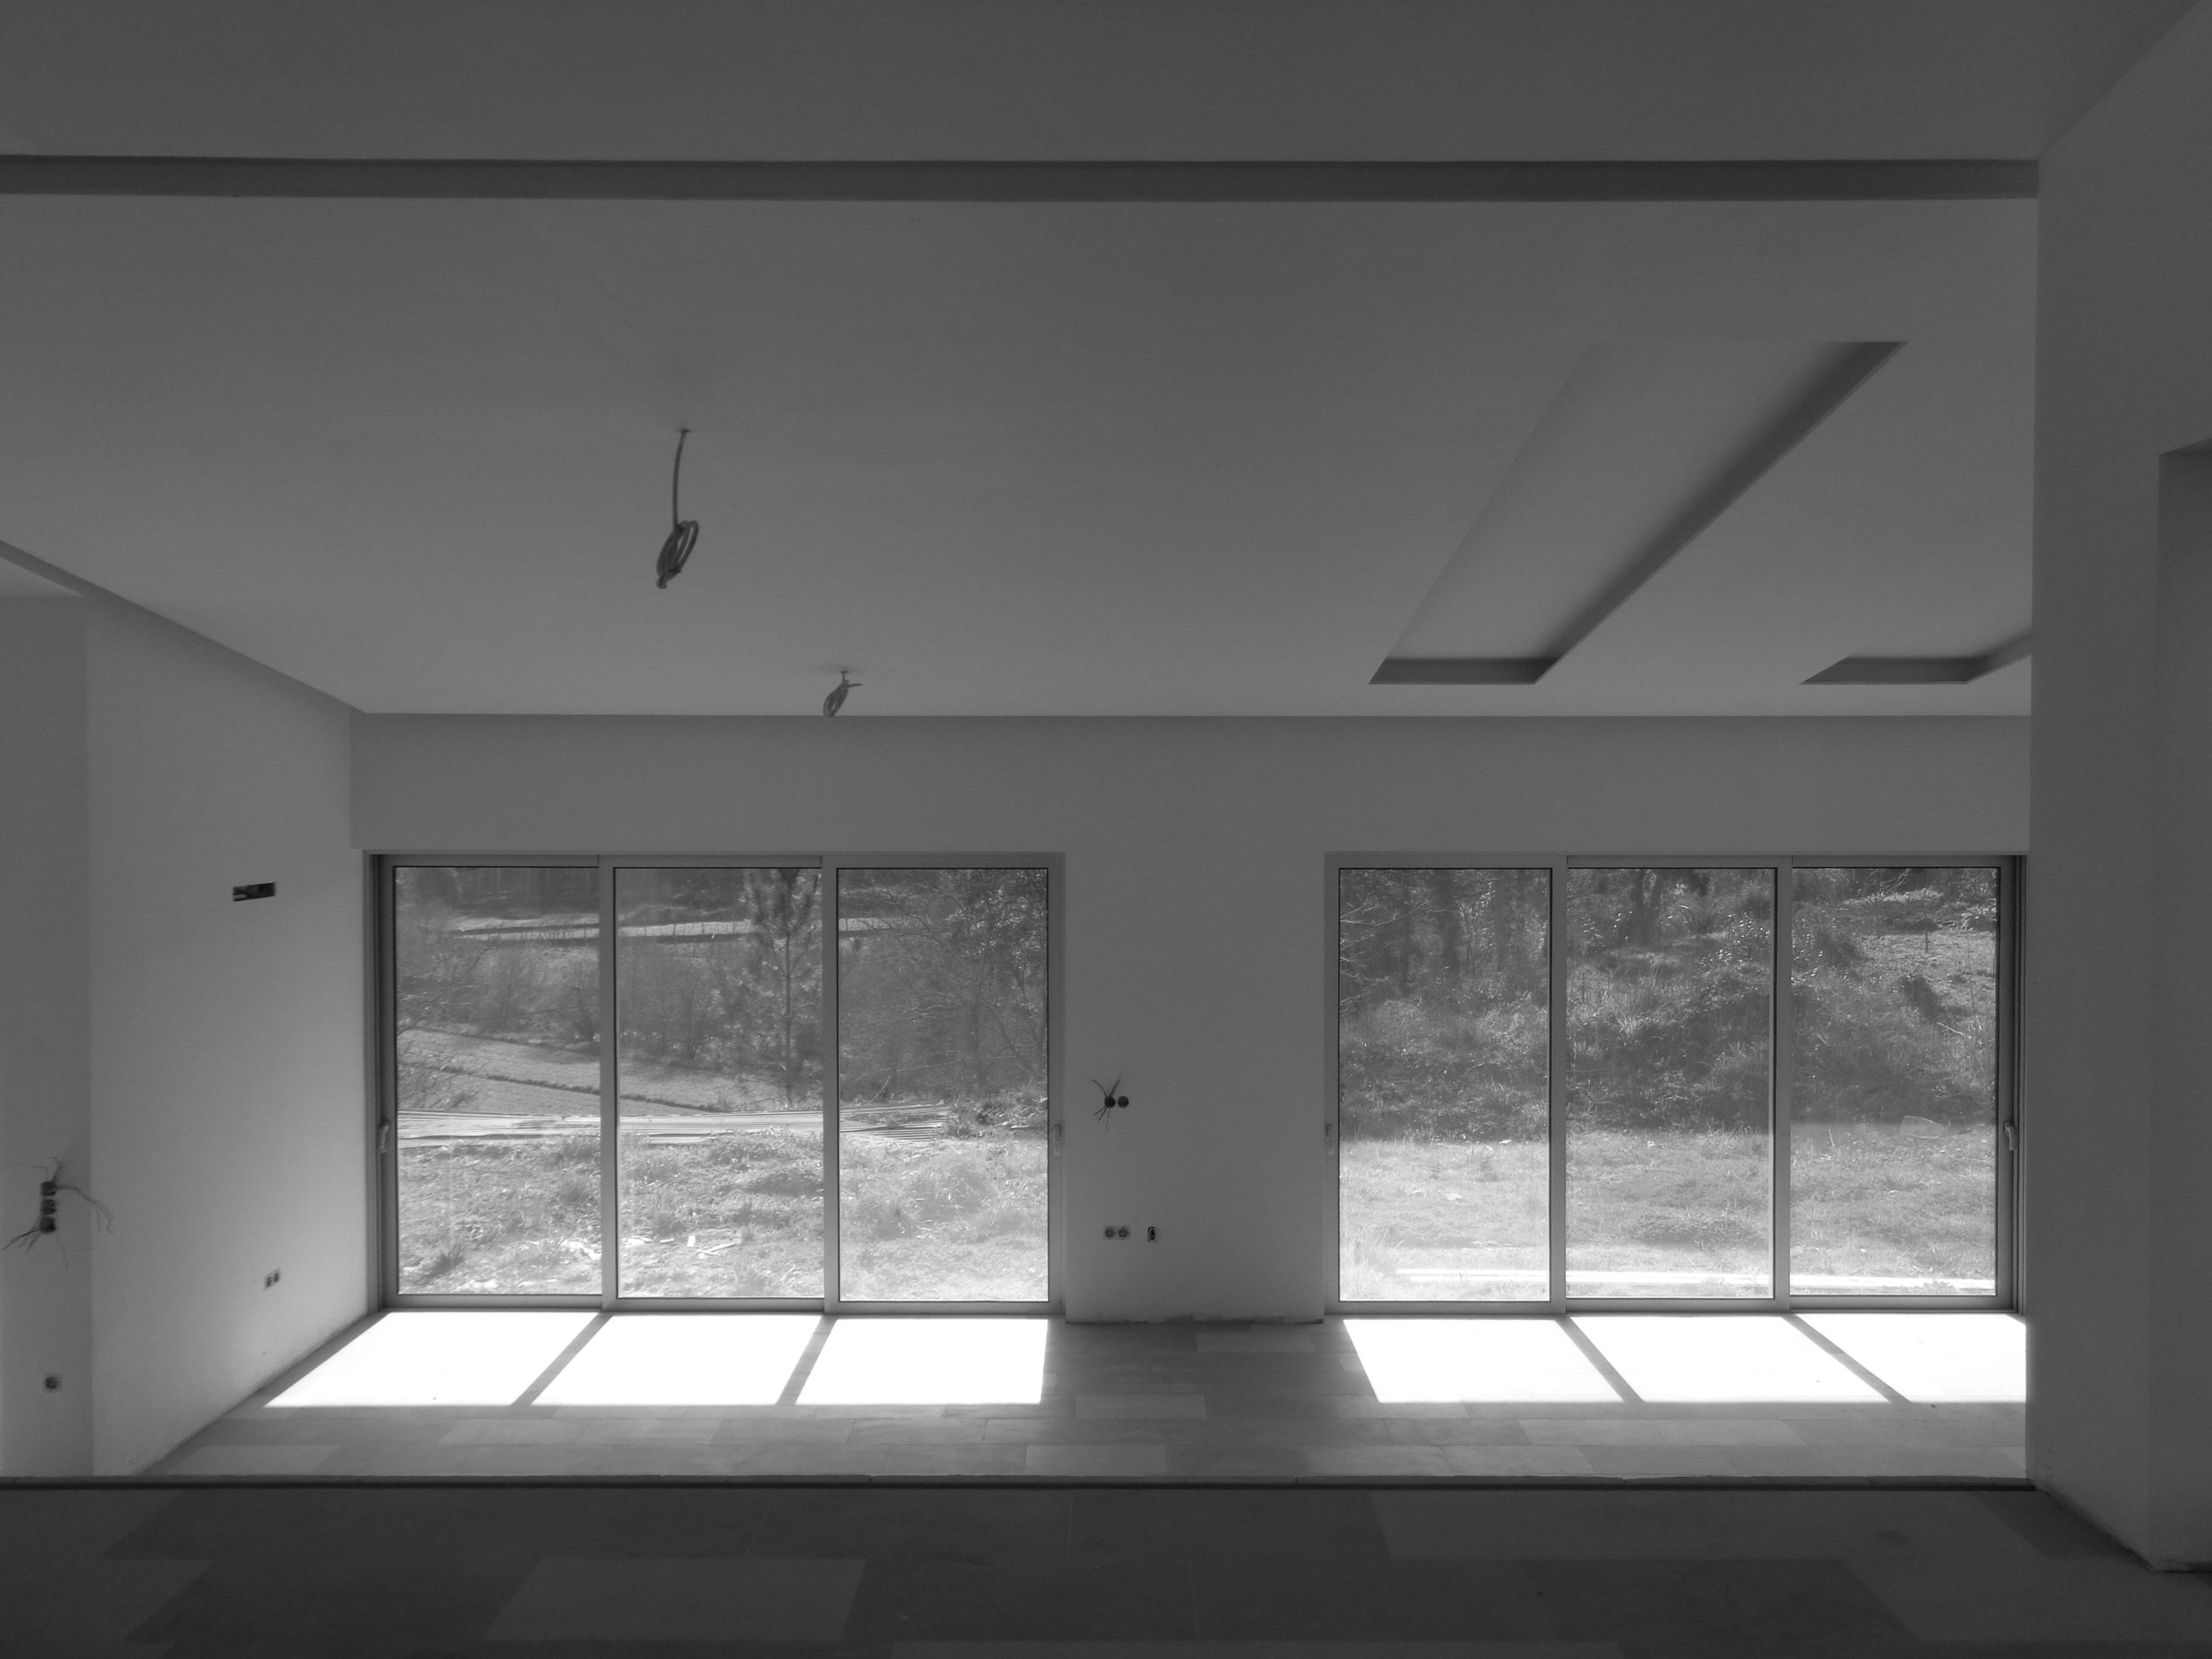 Moradia S+N - arquitectura - arquitectos - porto - oliveira de azemeis - construção - projecto - eva evolutionary architecture (8).jpg